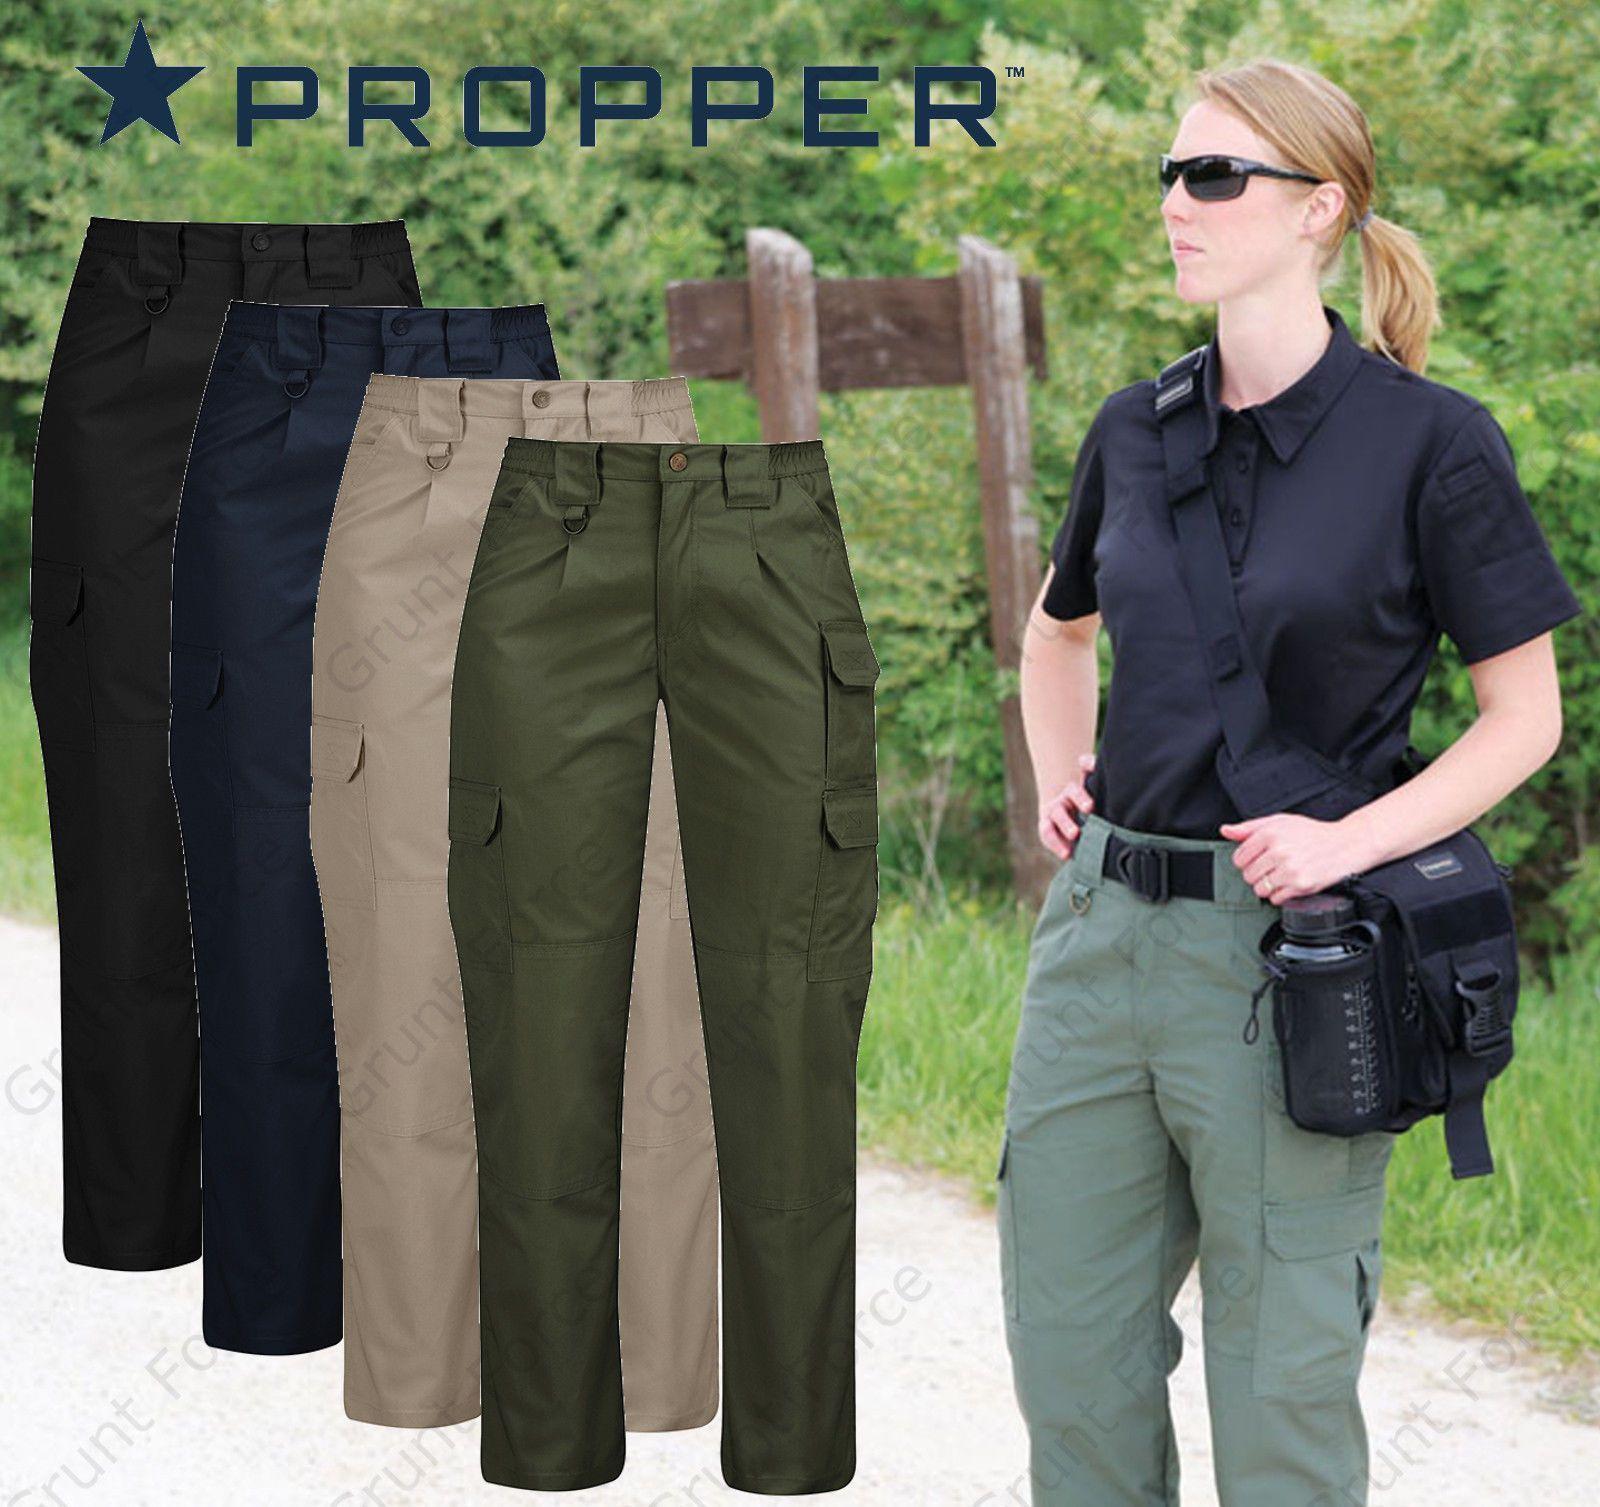 Propper Womens Uniform Tactical Pant